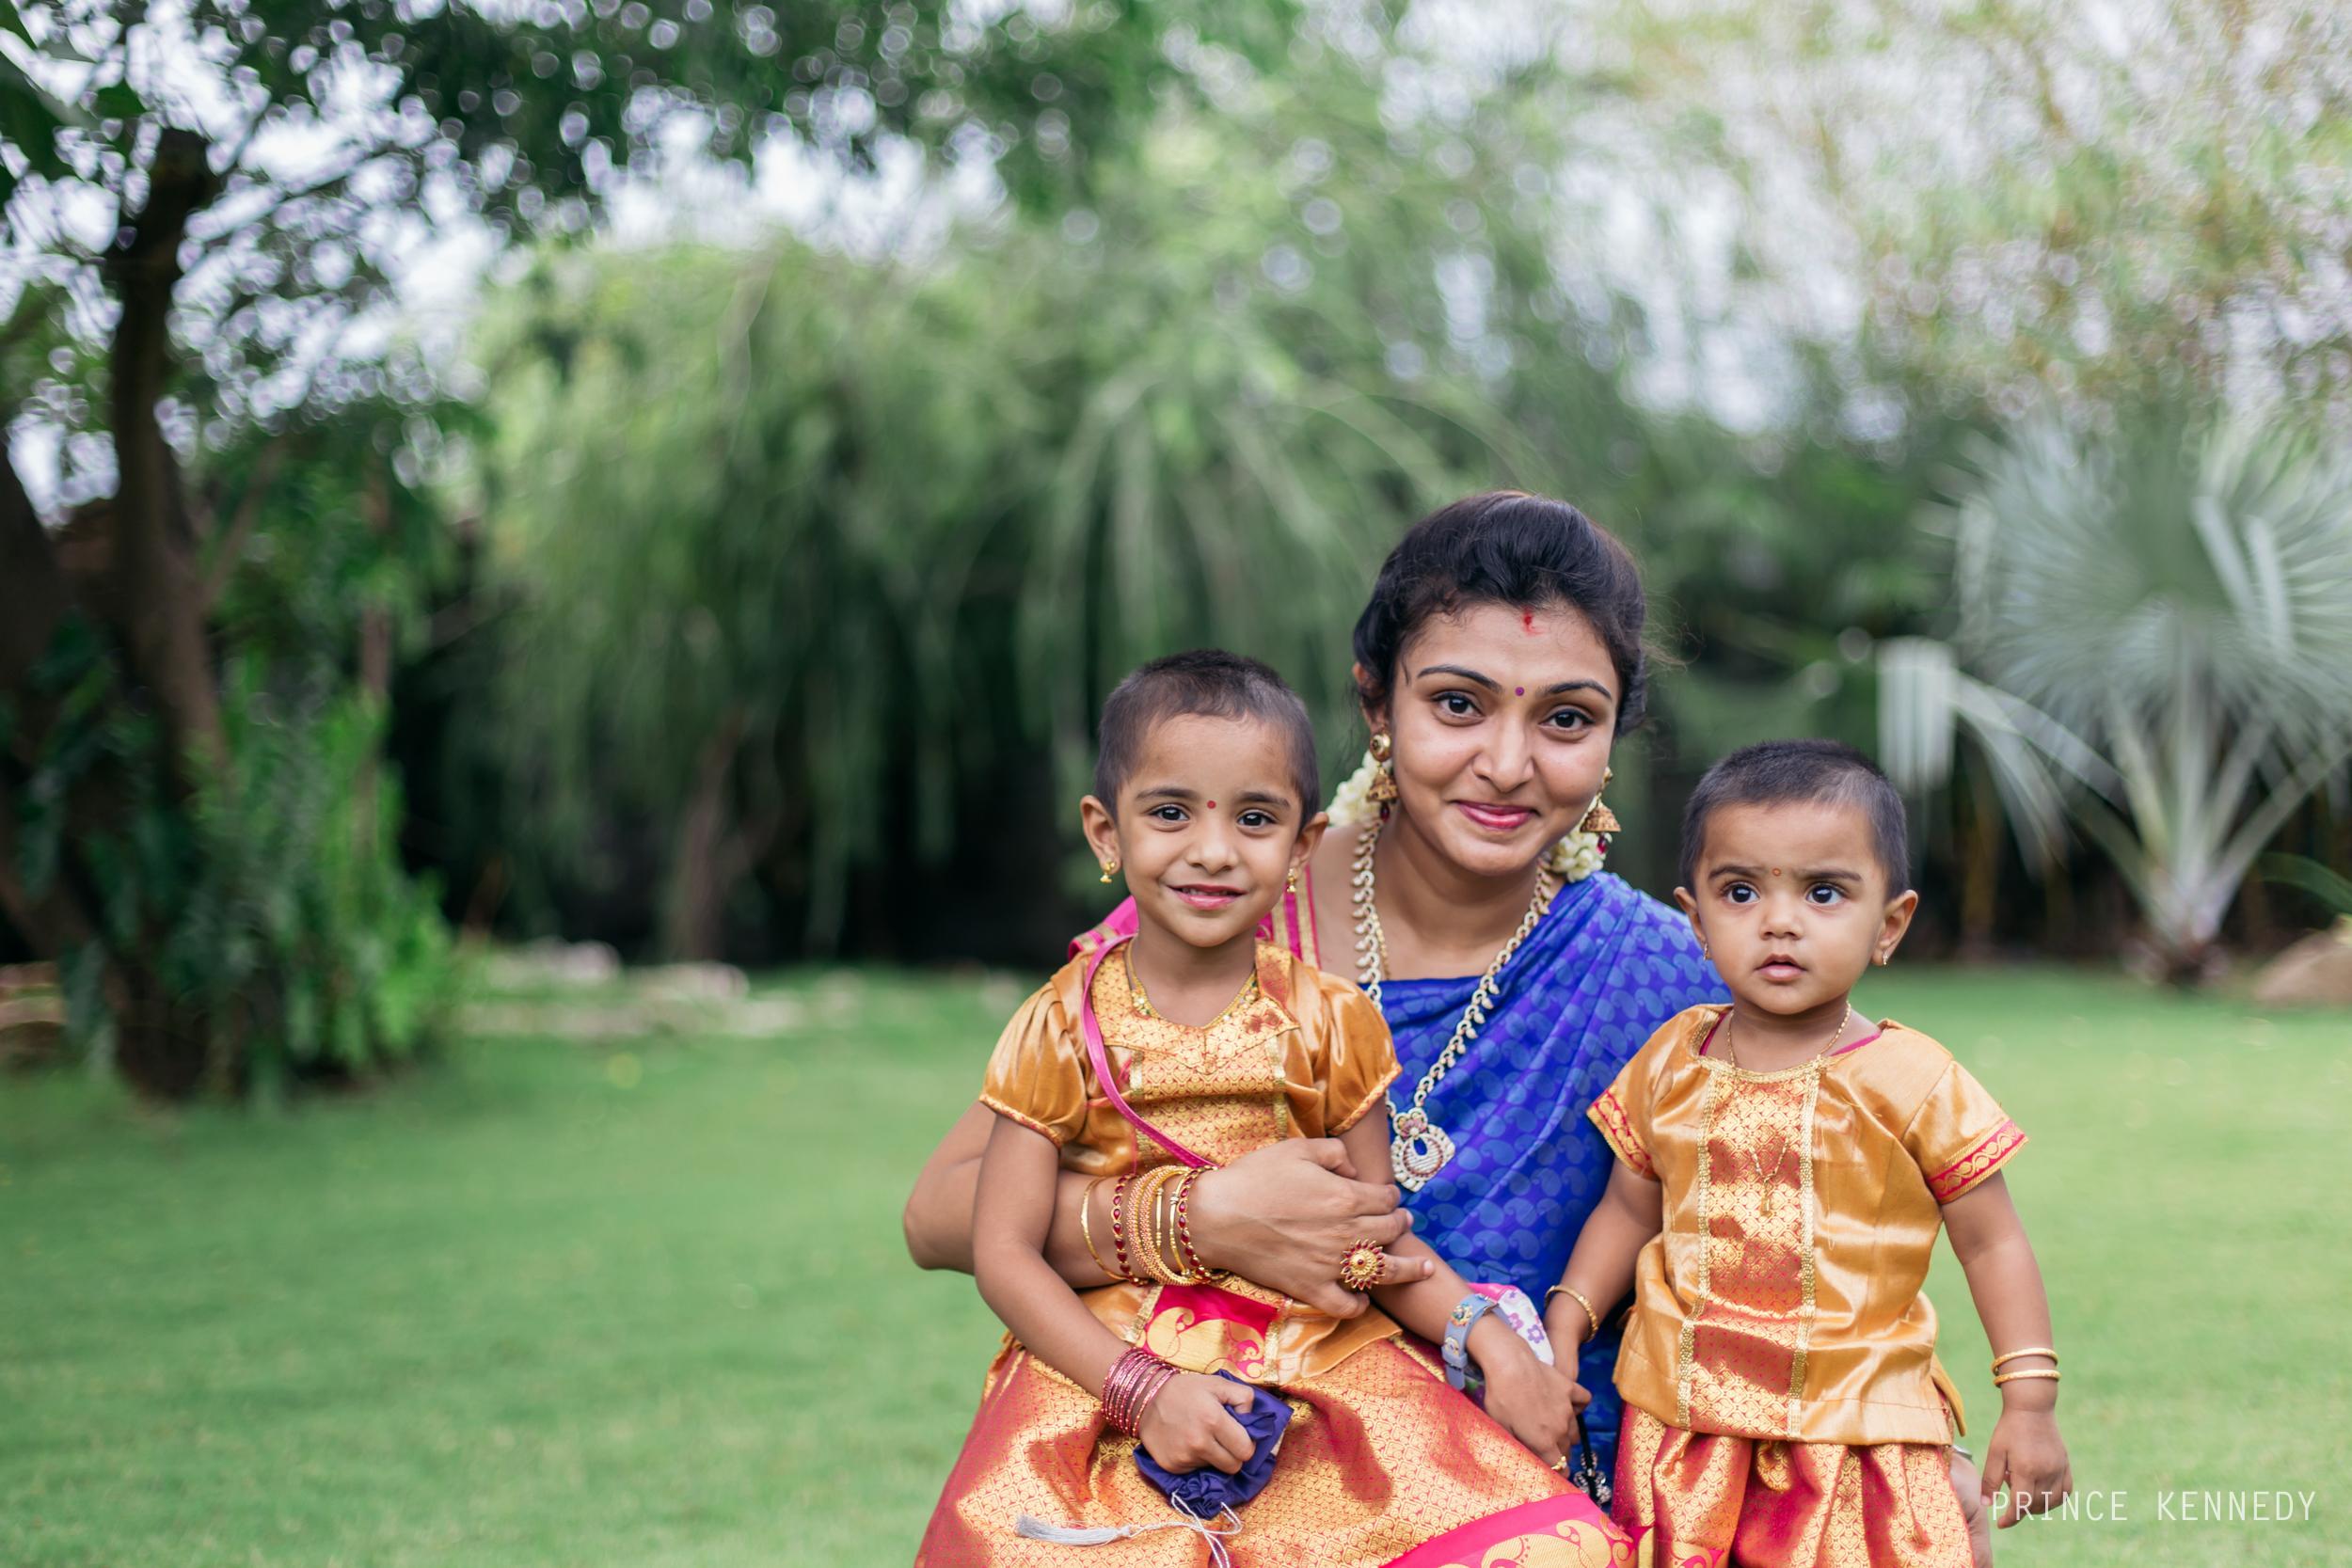 Engagement-Couple-Portrait-Portraiture-Wedding-Couple-Portrait-Chennai-Photographer-Candid-Photography-Destination-Best-Prince-Kennedy-Photography-119.jpg